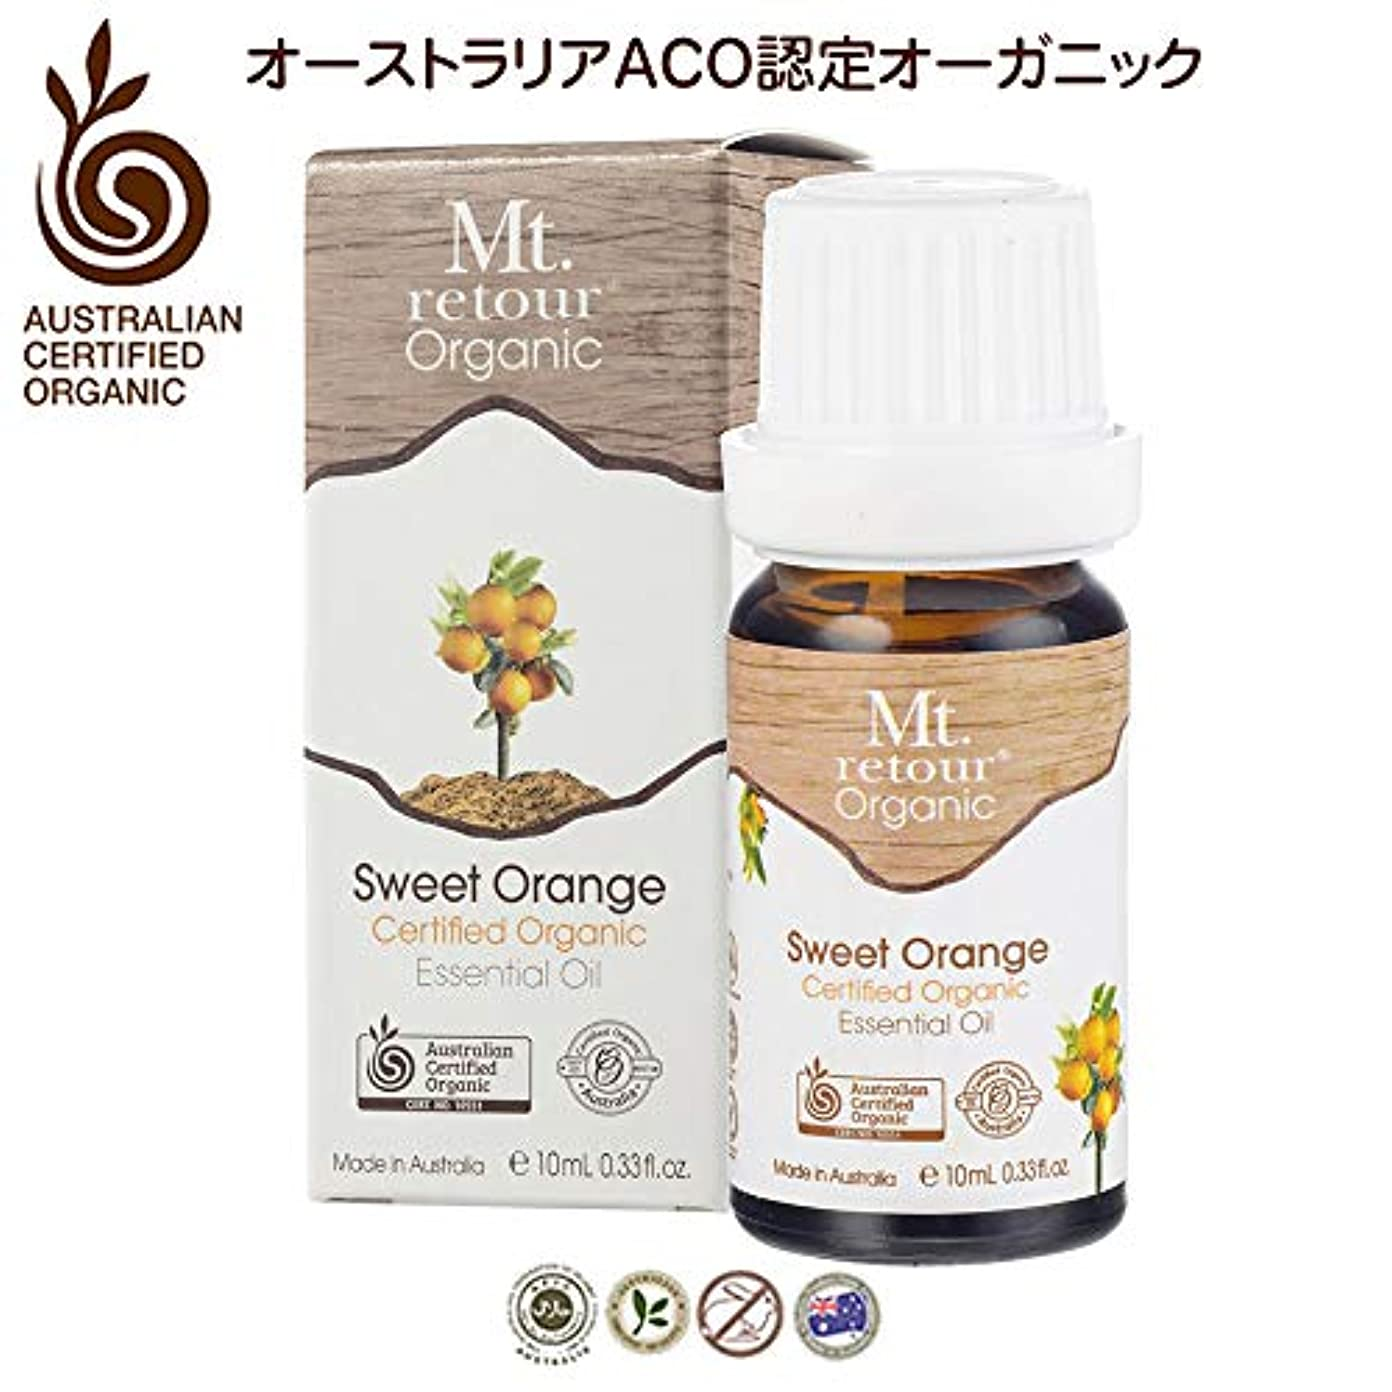 シャークシンプルなバルーンMt. retour ACO認定オーガニック オレンジスイート 10ml エッセンシャルオイル(無農薬有機)アロマ